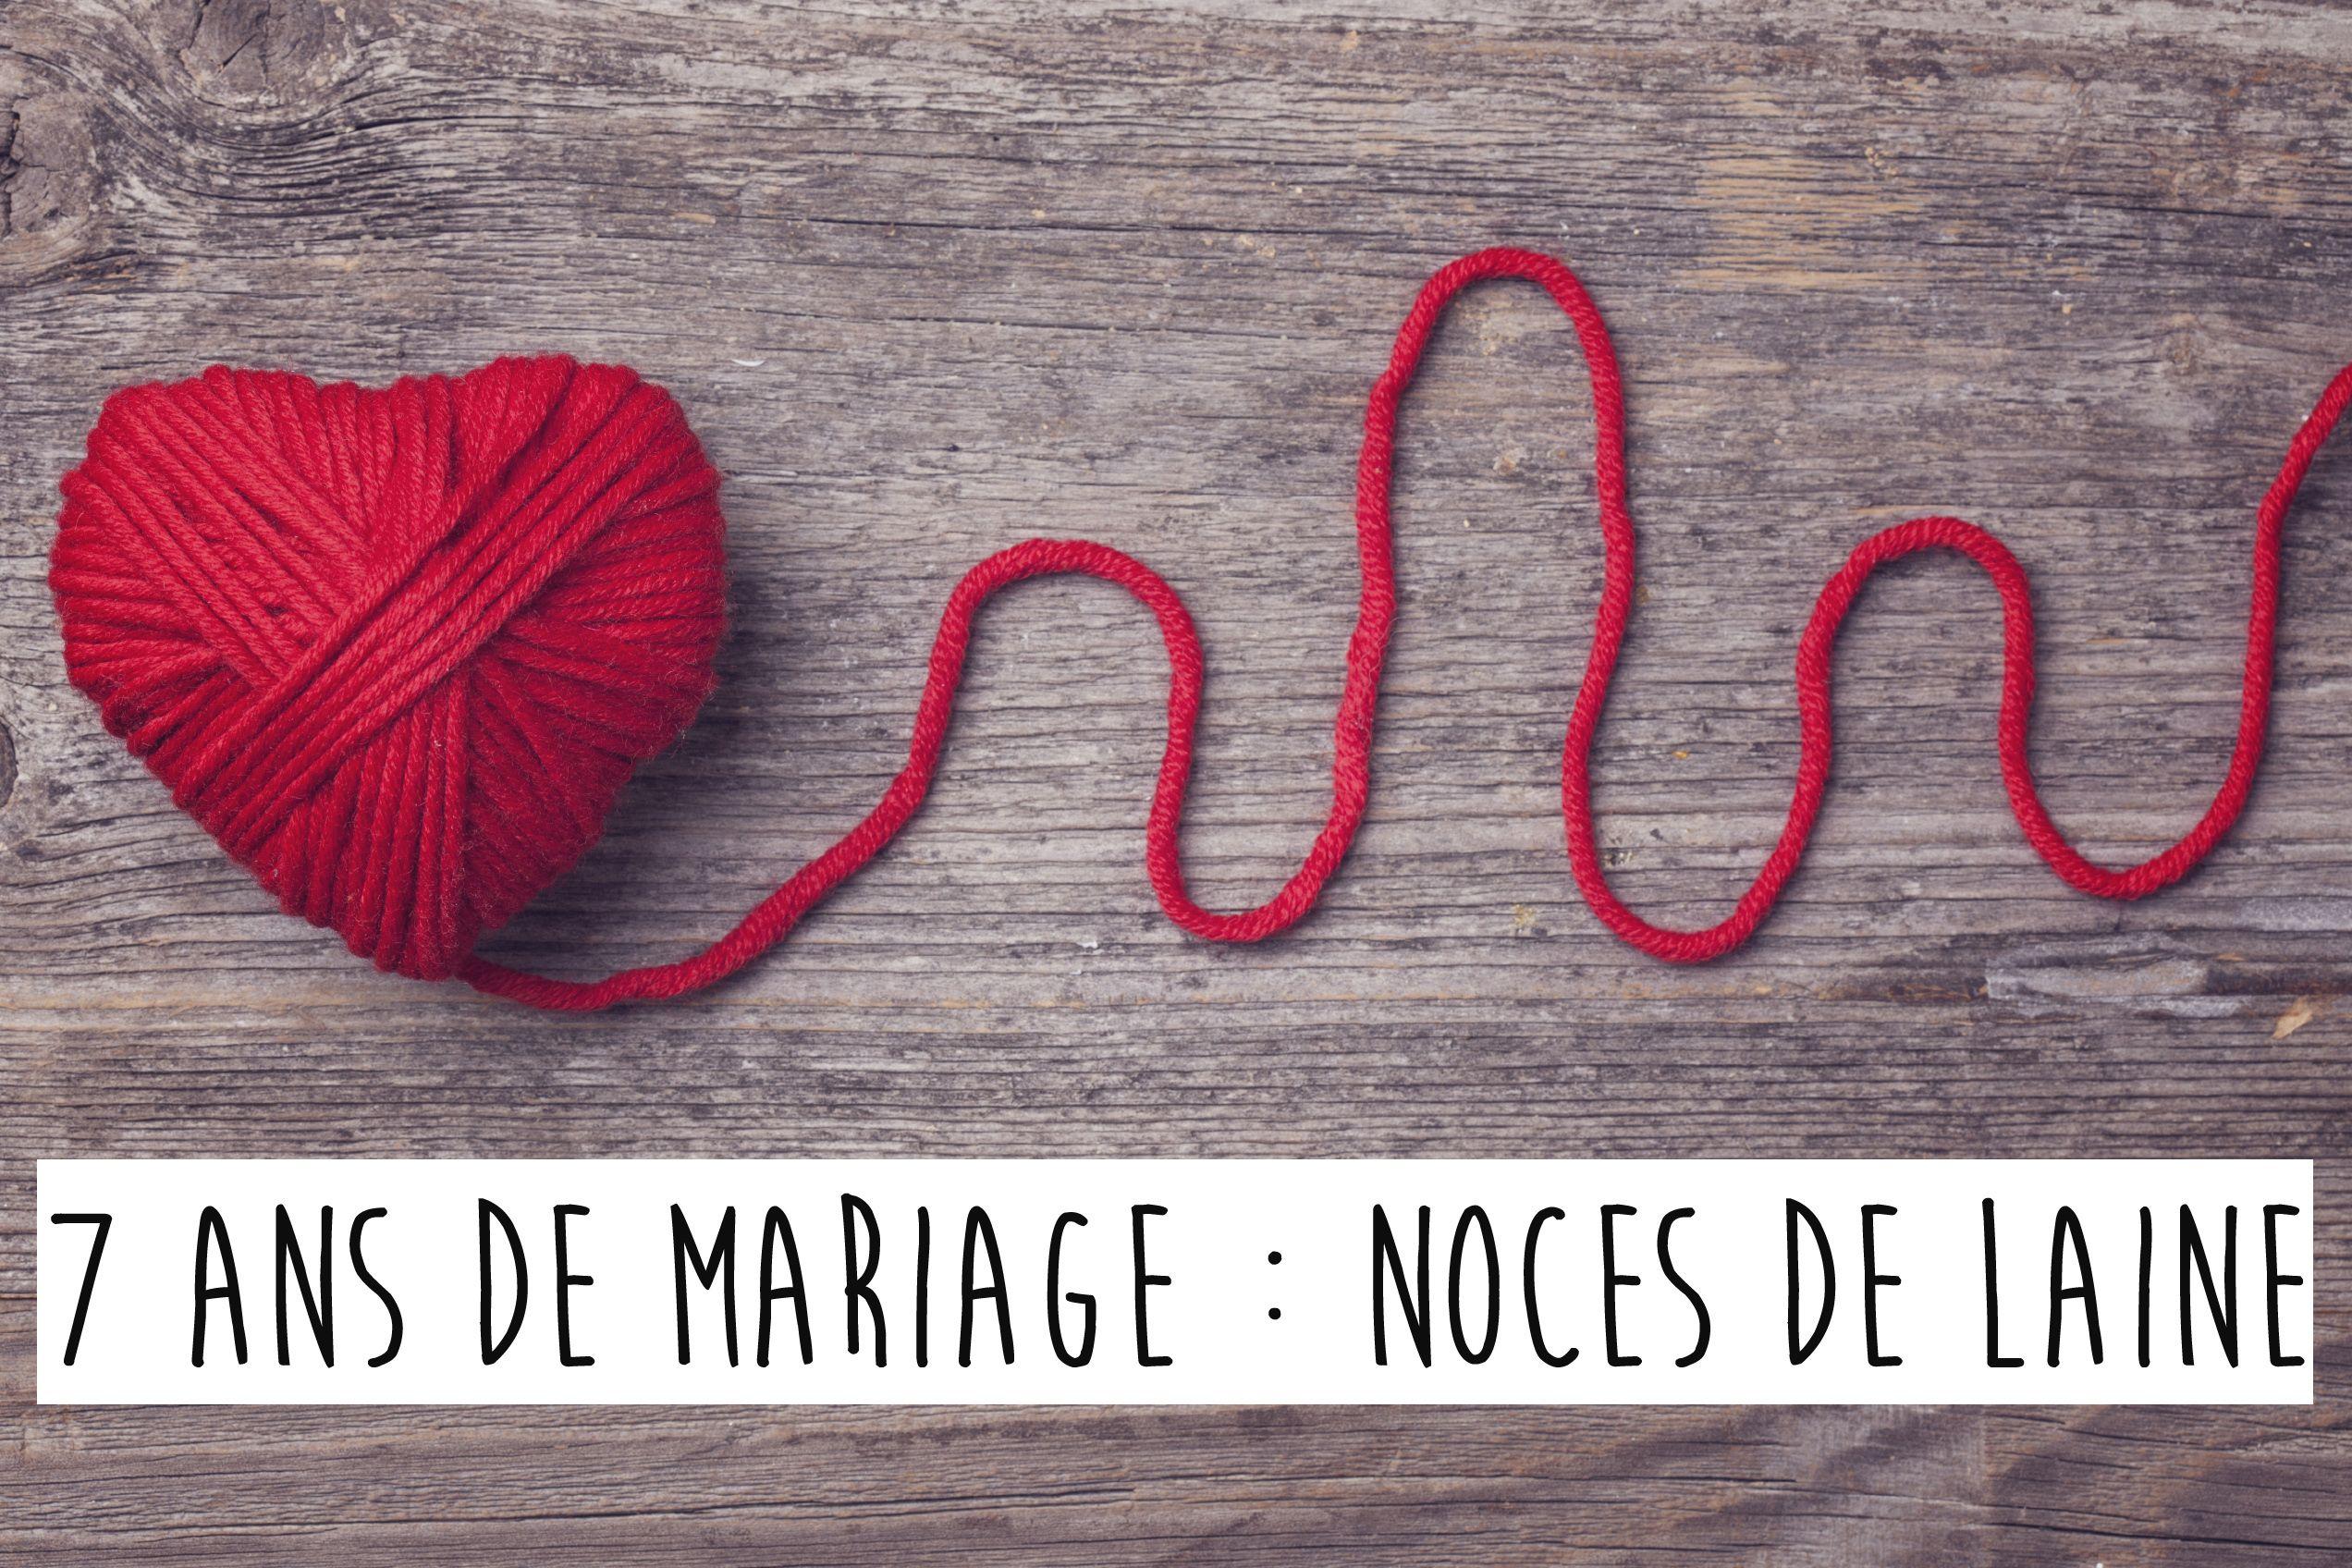 7 ans de mariage noces de laine anniversaire de mariage pinterest laine mariages et. Black Bedroom Furniture Sets. Home Design Ideas